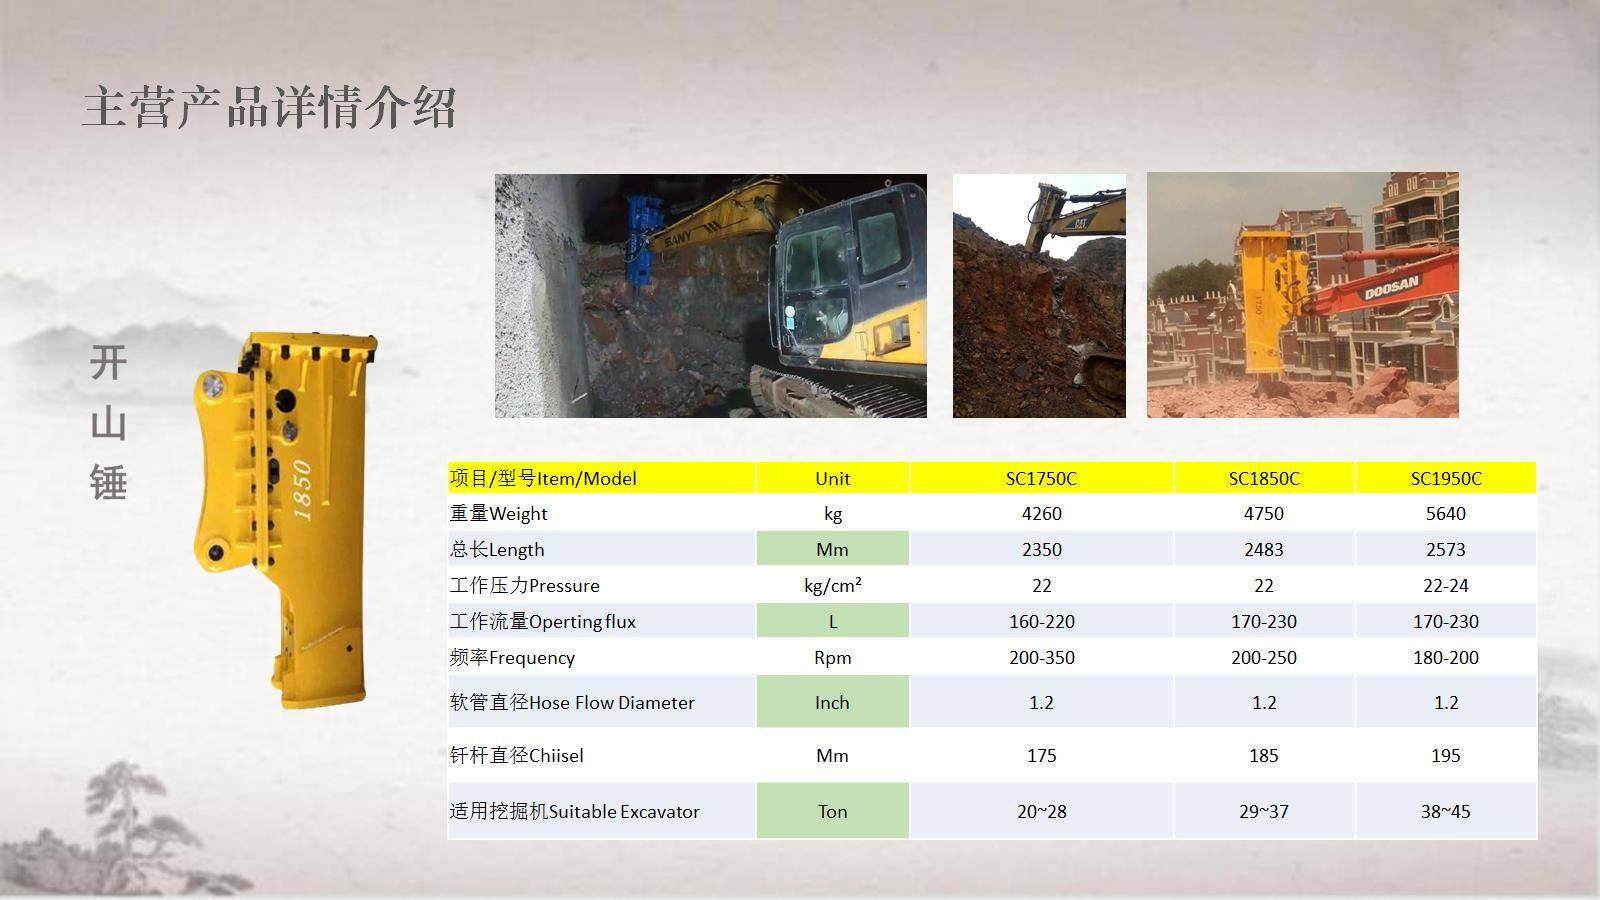 正文 挖机破碎斗轮式挖掘机有哪些属具钩机粉碎斗挖掘机旋转筛